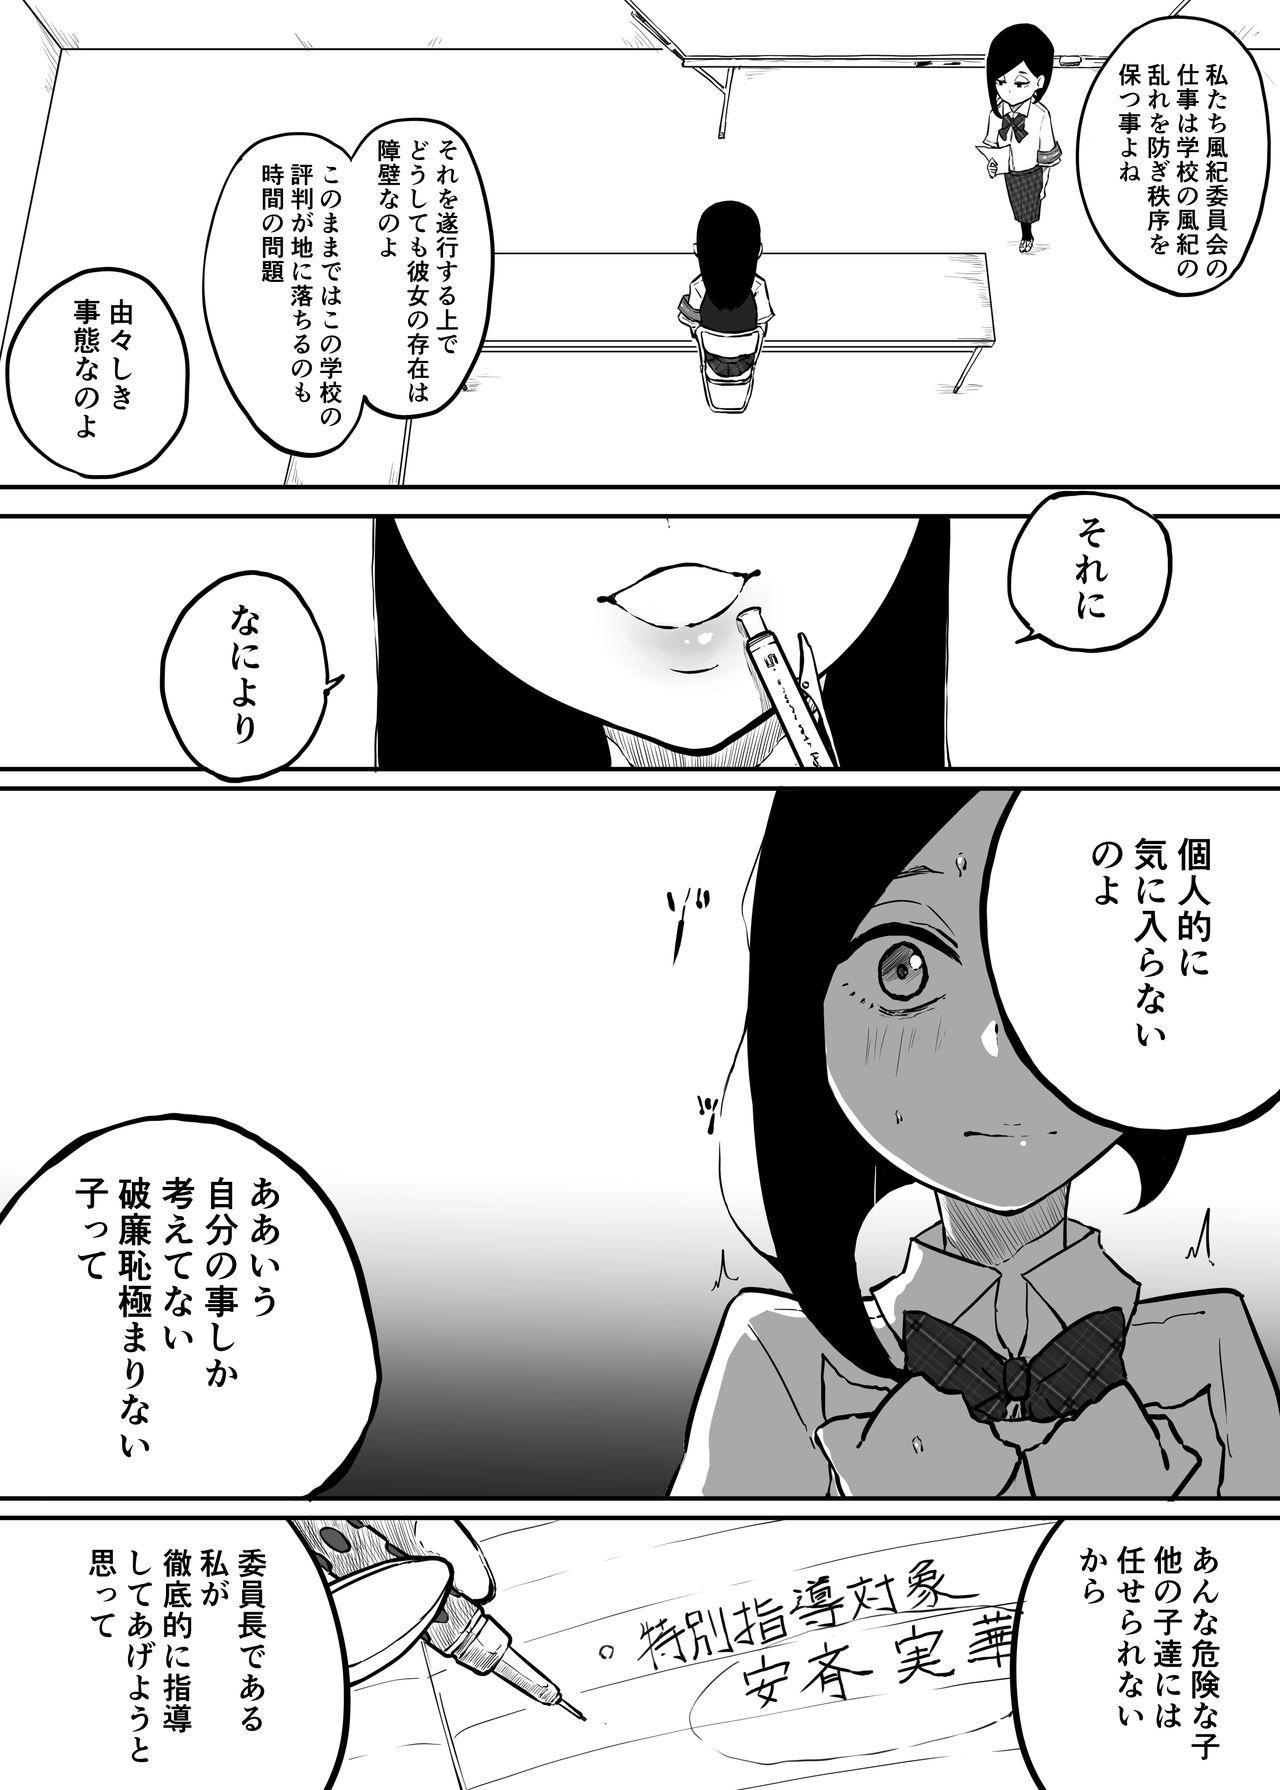 Sparta Sensei ga Oshiego no Bitch Gal ni Ecchi na Koto Sareru Hanashi 2 45